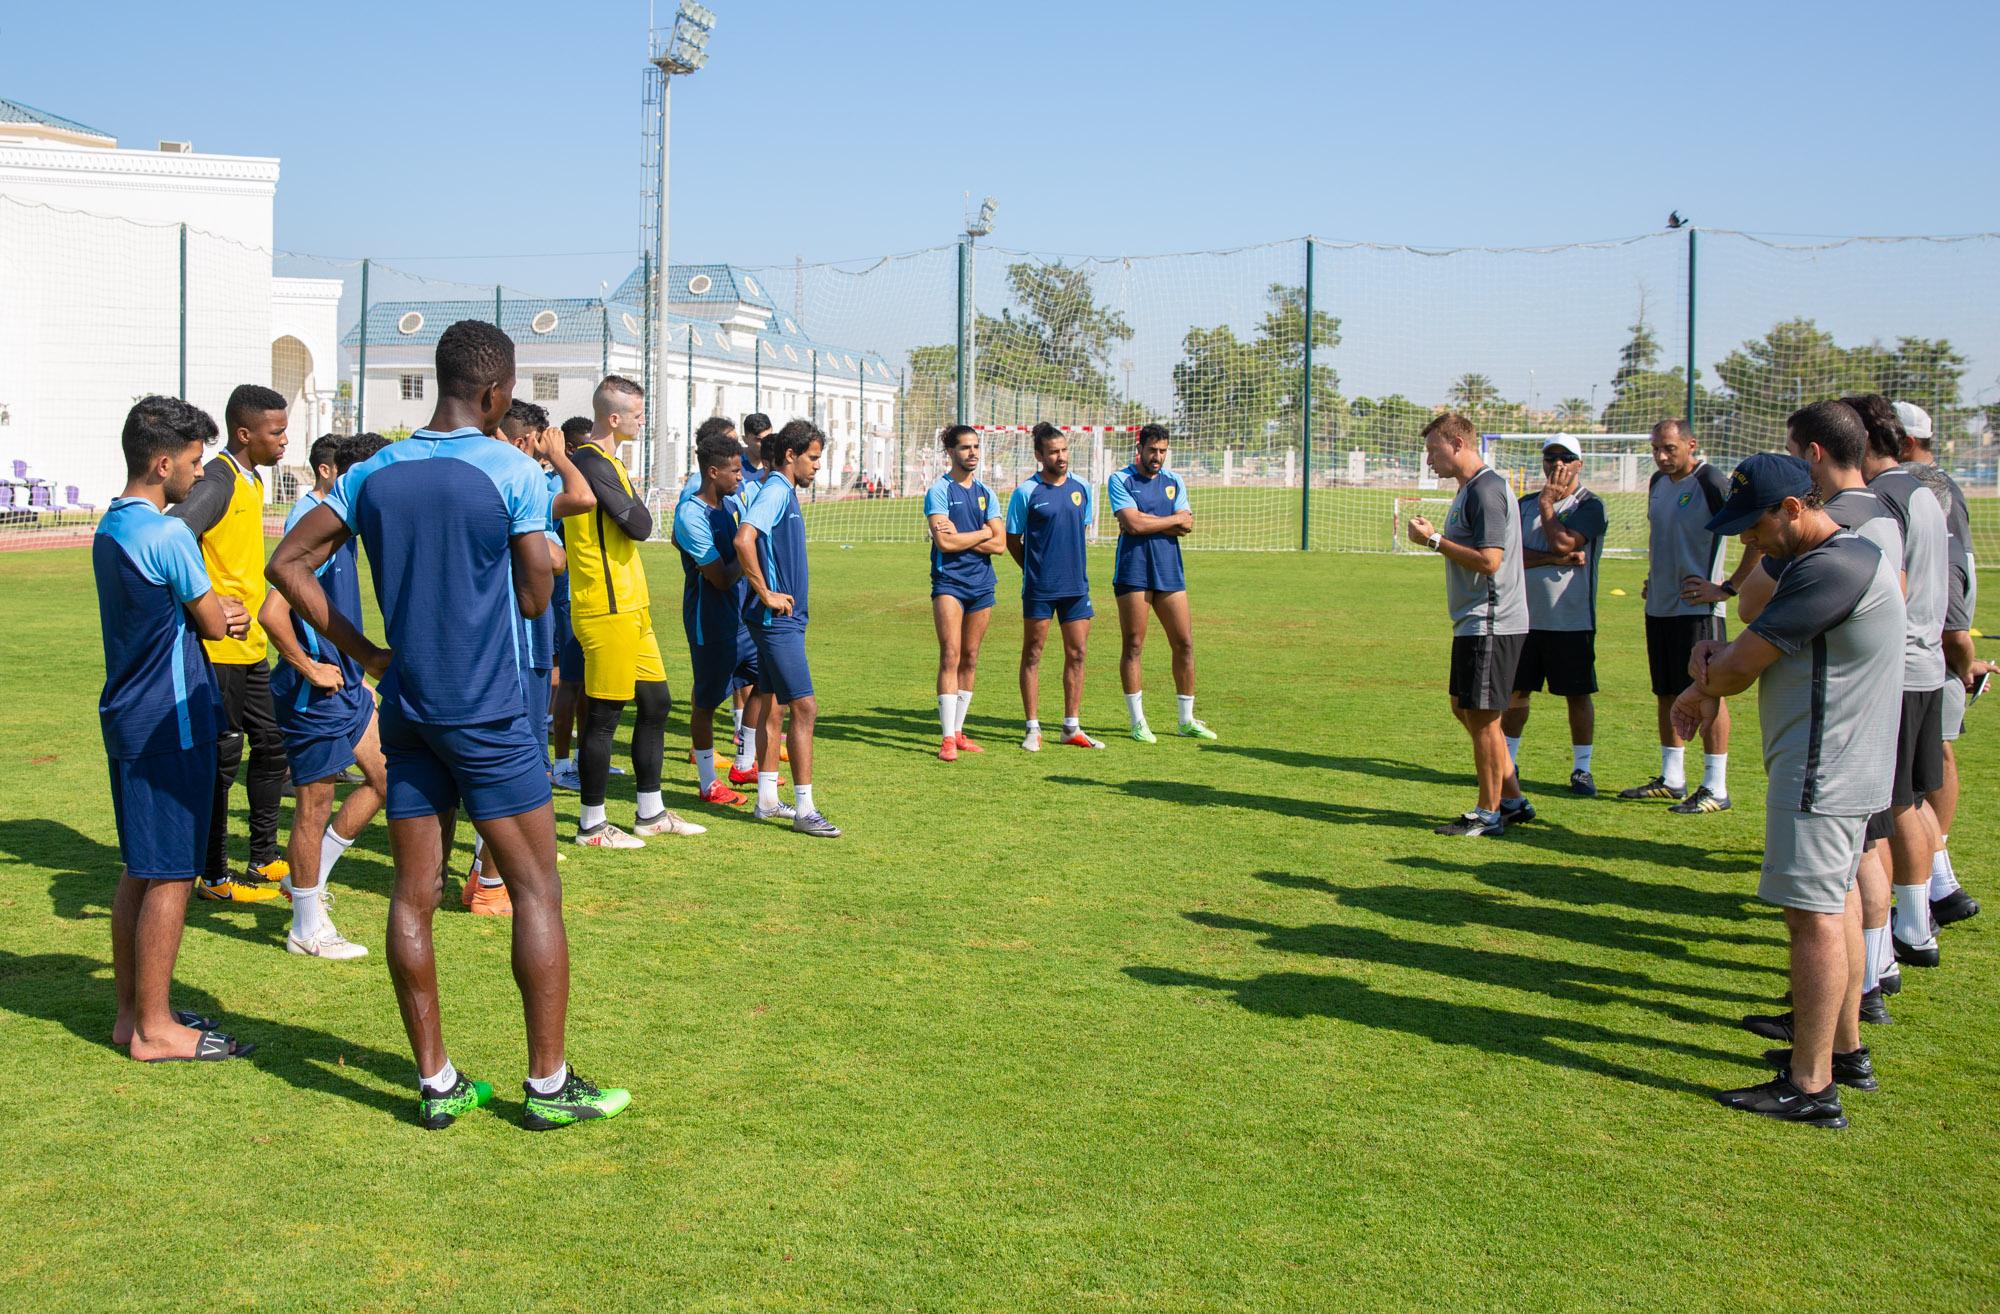 الخليج يلاقي الشهداء المصري في ثالث مبارياته الودية بمعسكر #نادي_الخليج_بالاسماعيلية